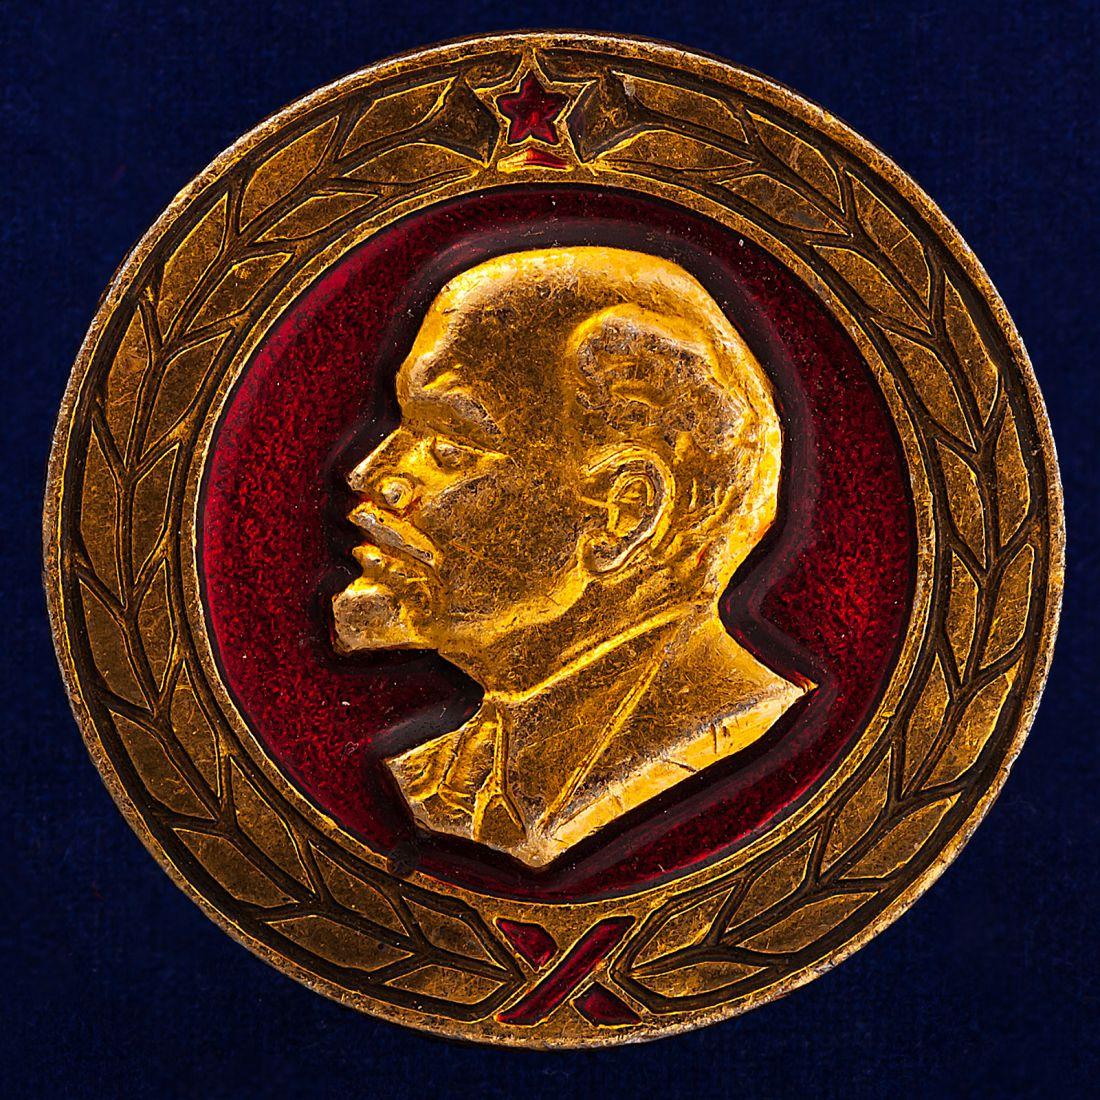 Значок с изображением В. Ленина